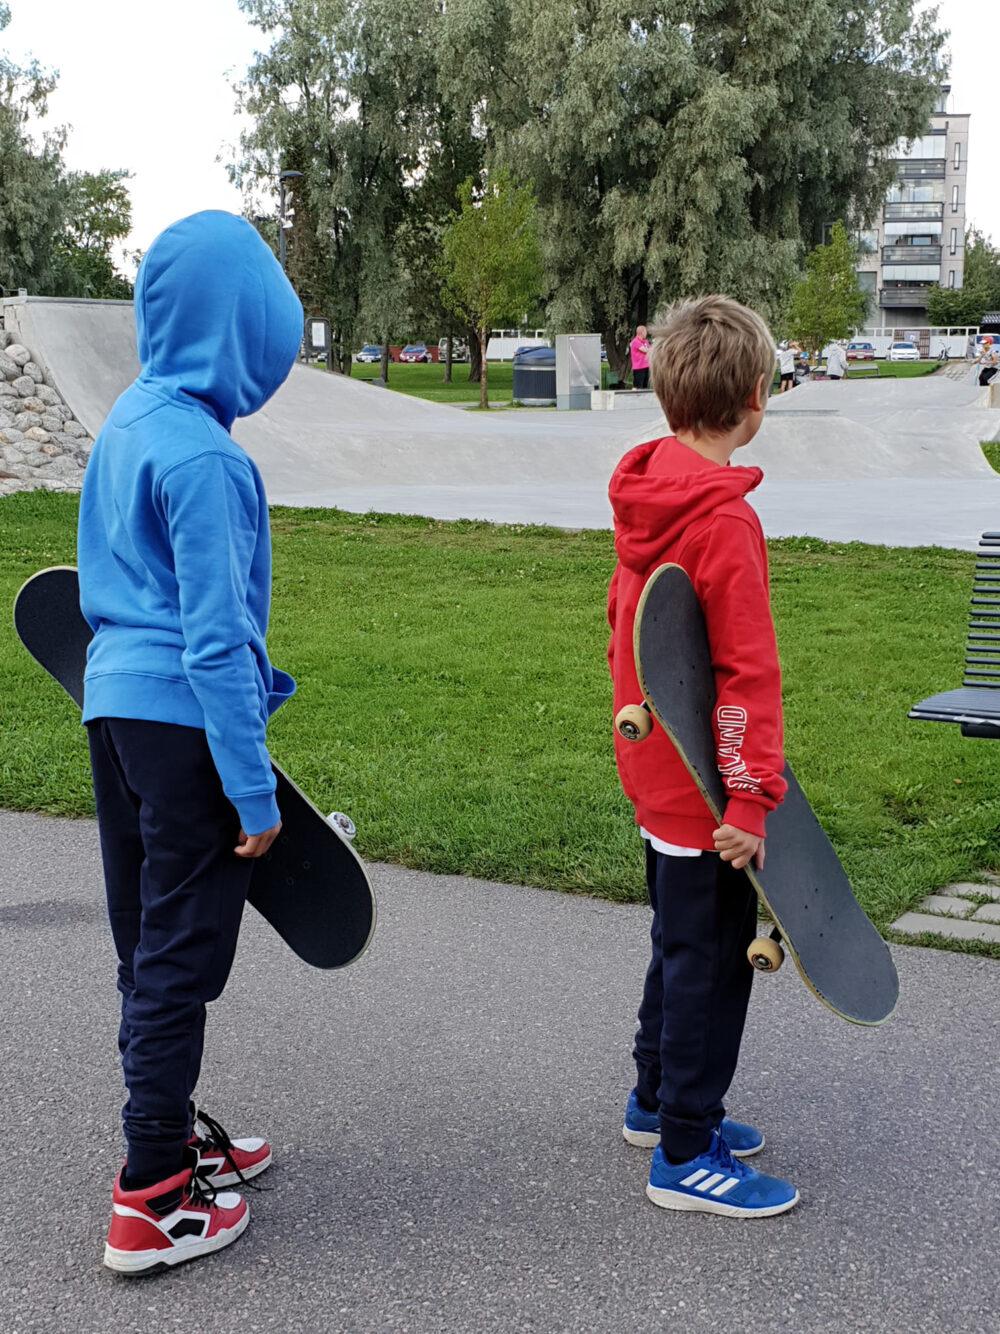 Ei lapsi eikä teini, 12 vuotiaan pojan elämä ei ole helppoa